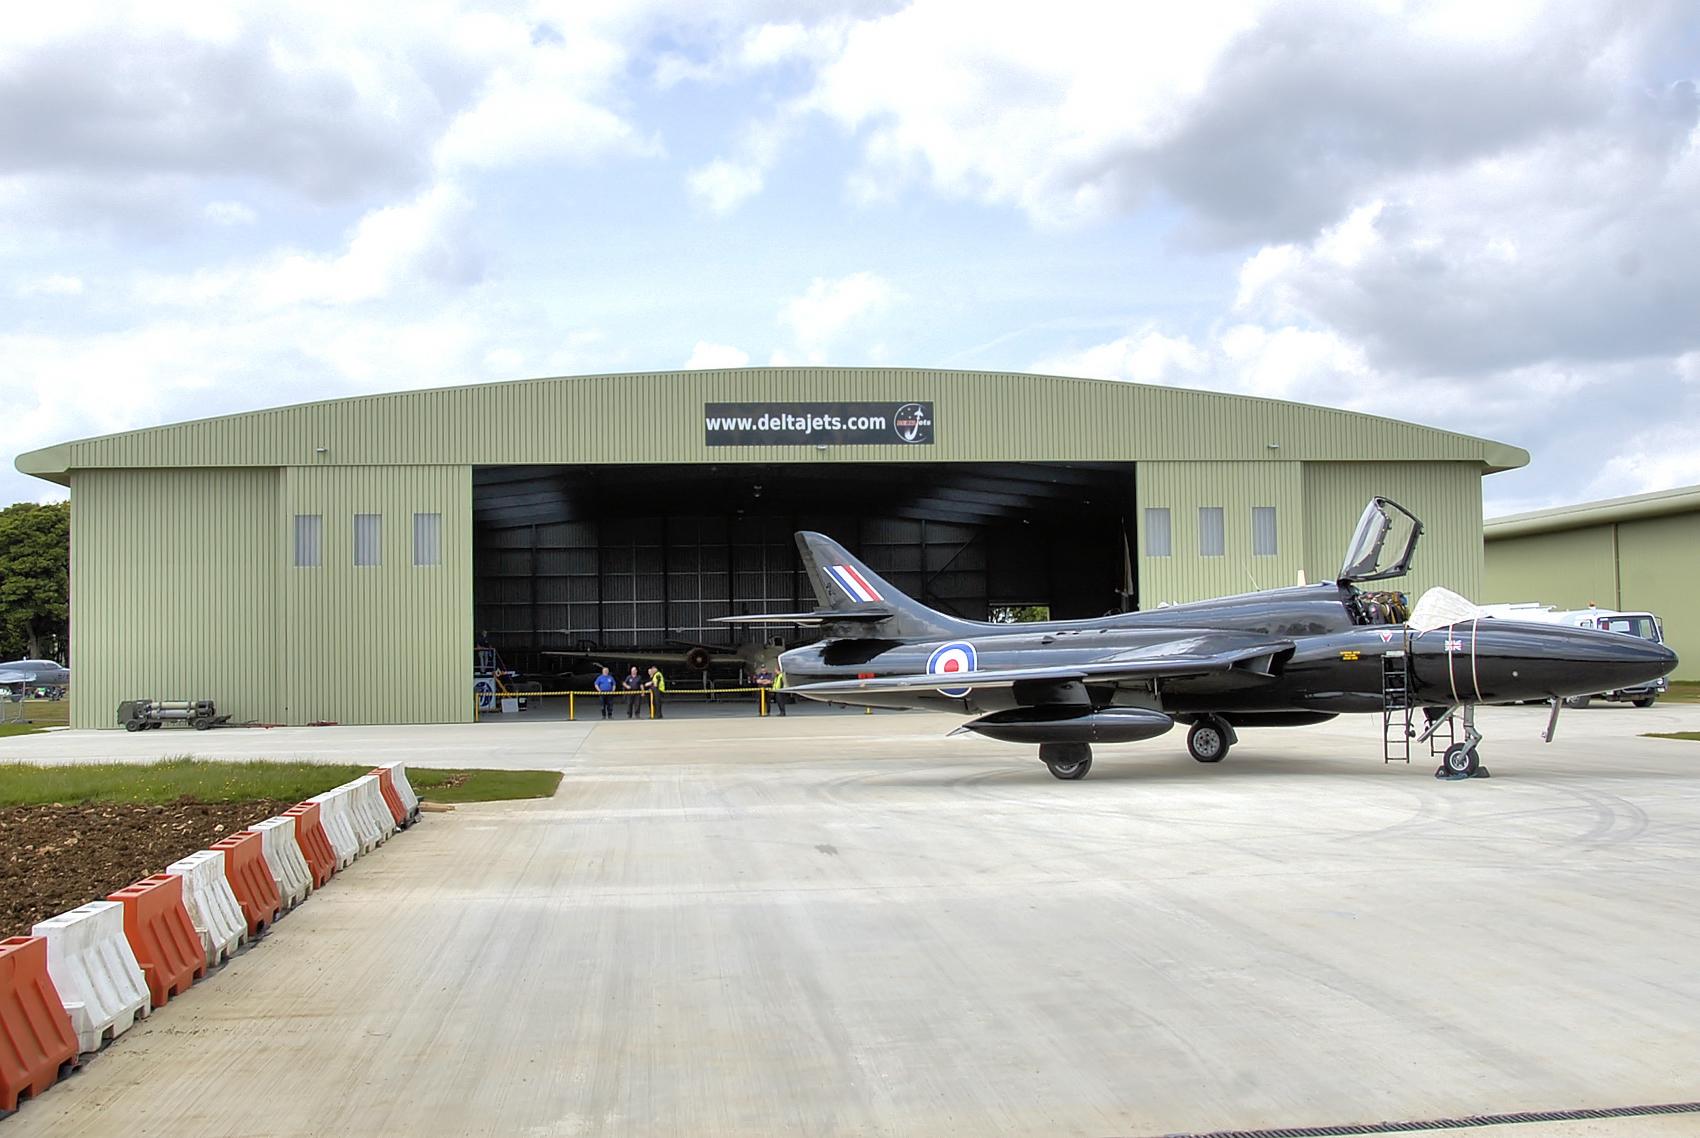 Delta Aircraft Hangar